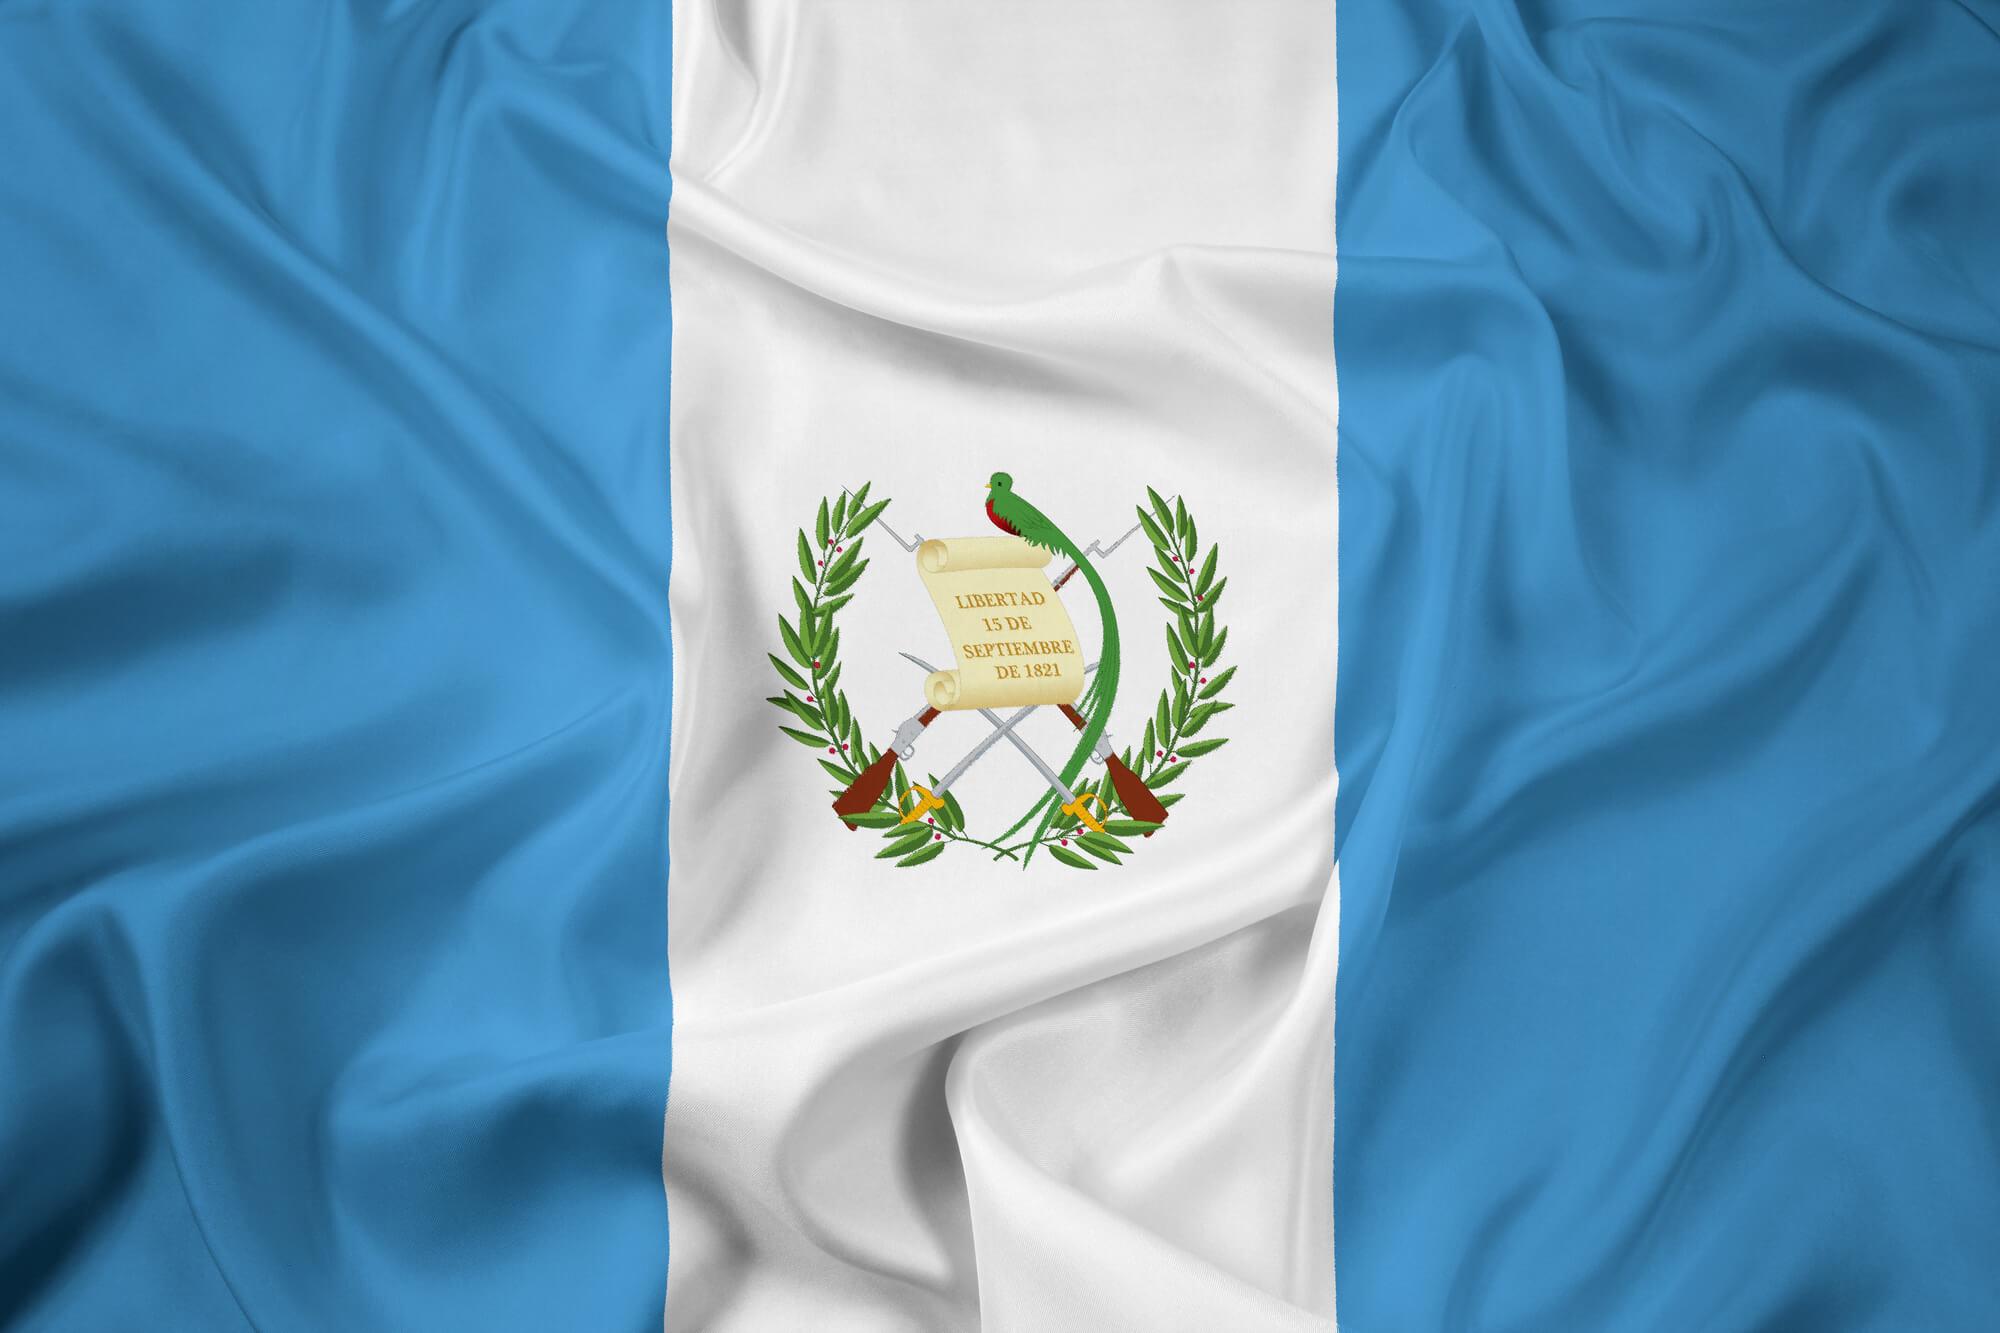 Антикорупційний експеримент у Гватемалі: виняток із правил чи зразок для наслідування?